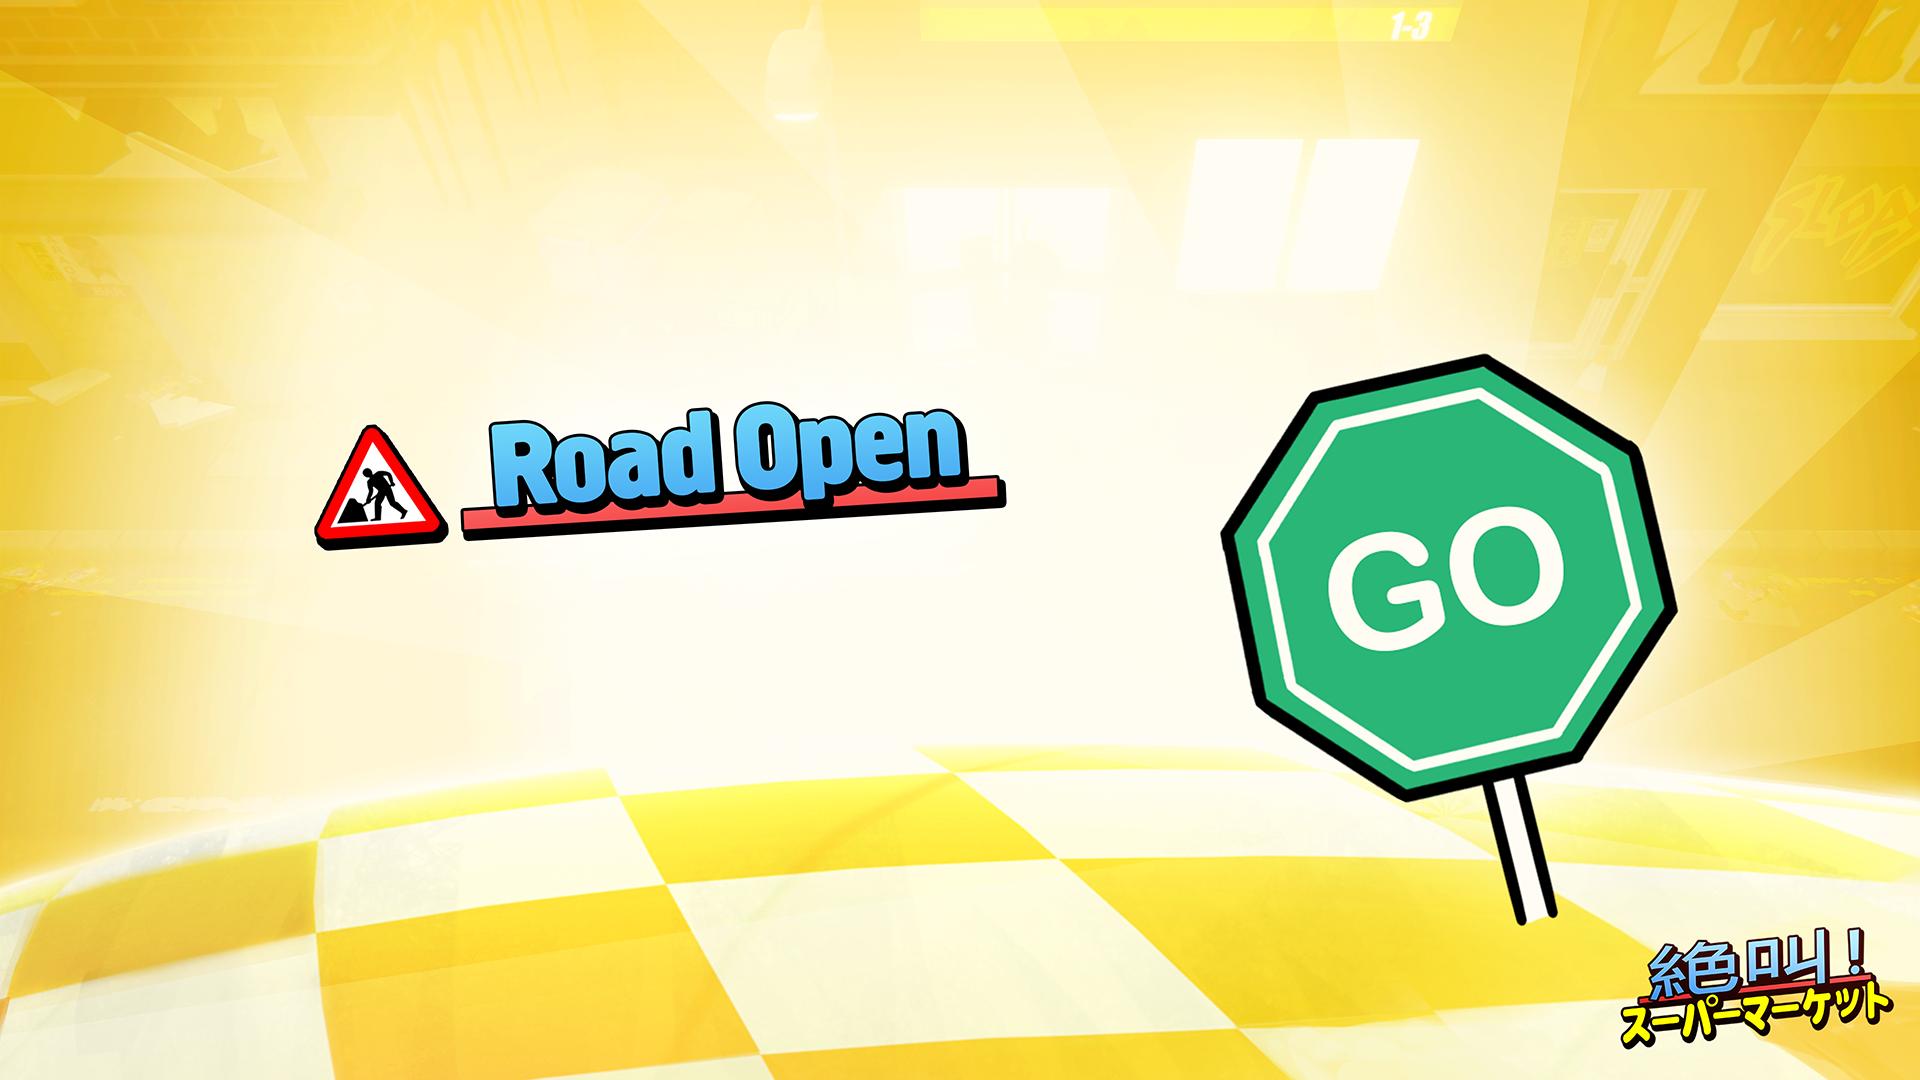 Road Open